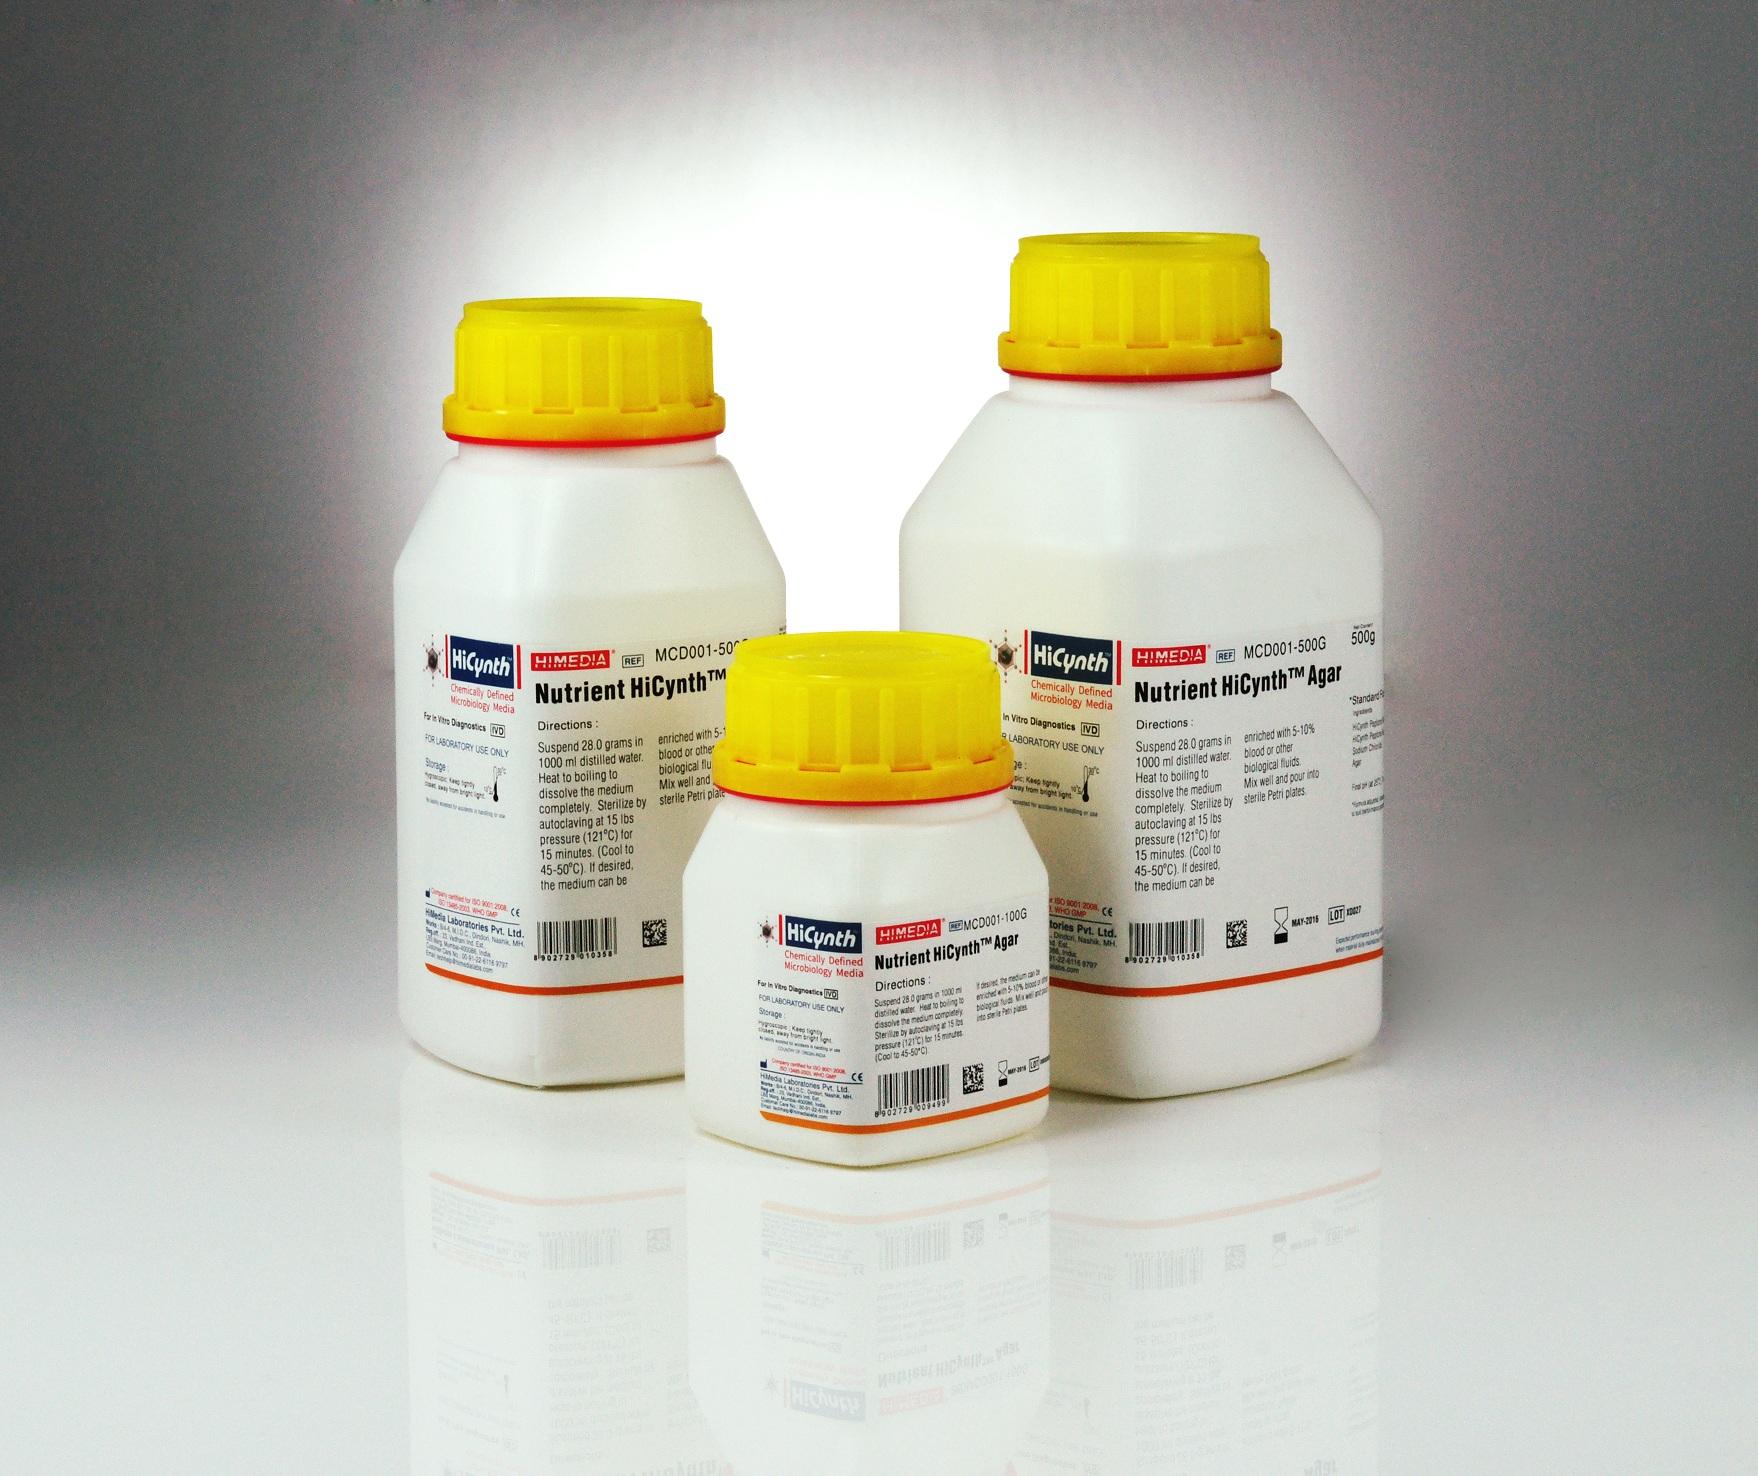 Hicynth™化学限定微生物培养基